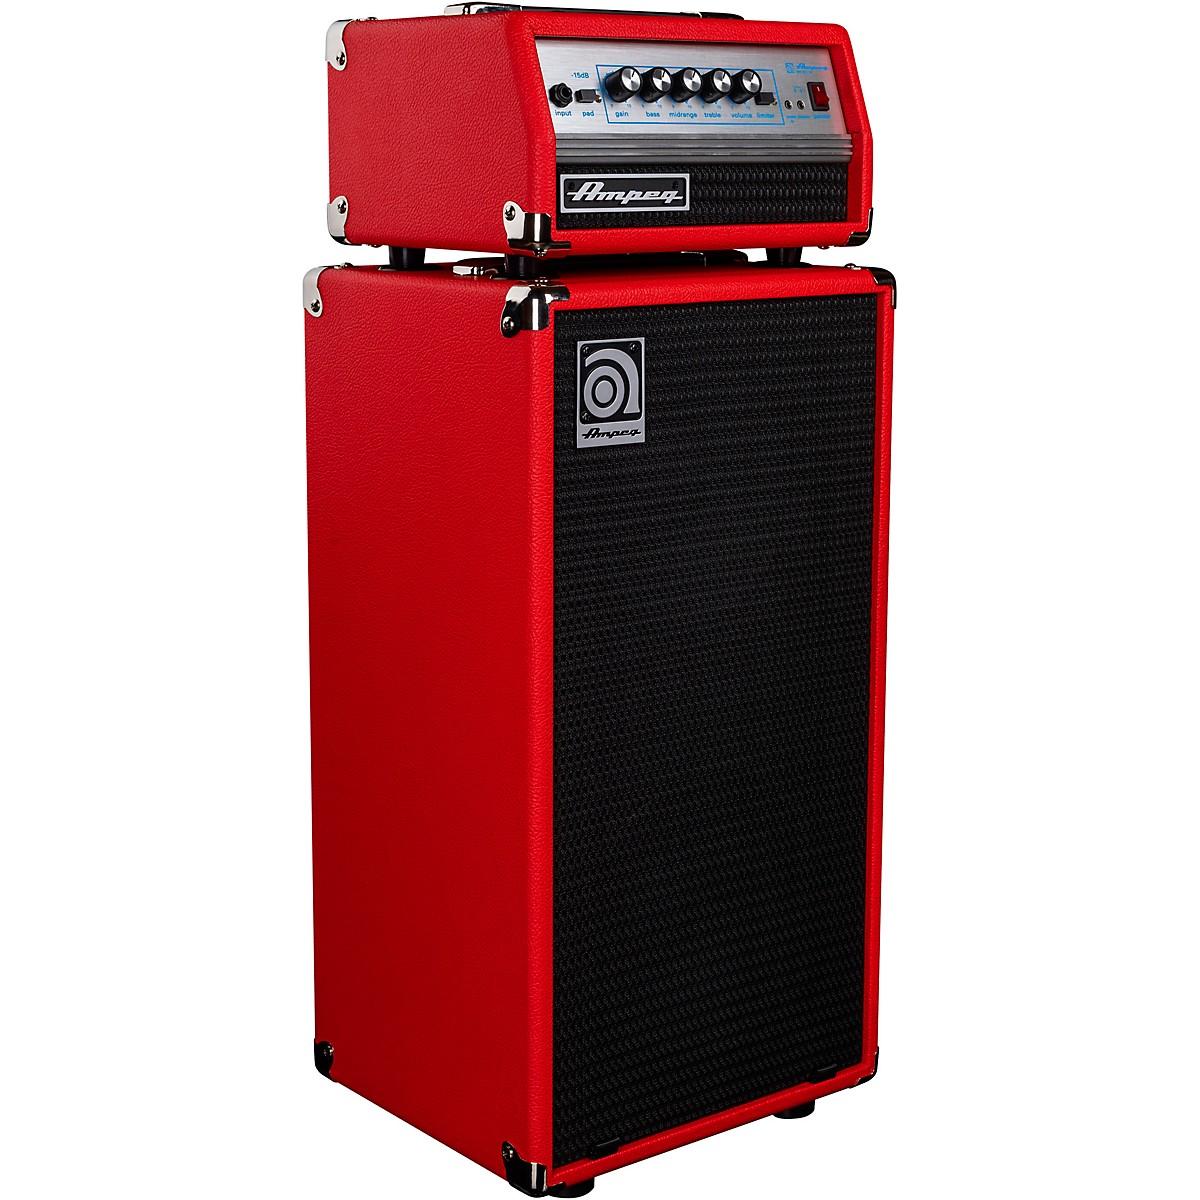 Ampeg Micro VR & SVT210AV Red Edition